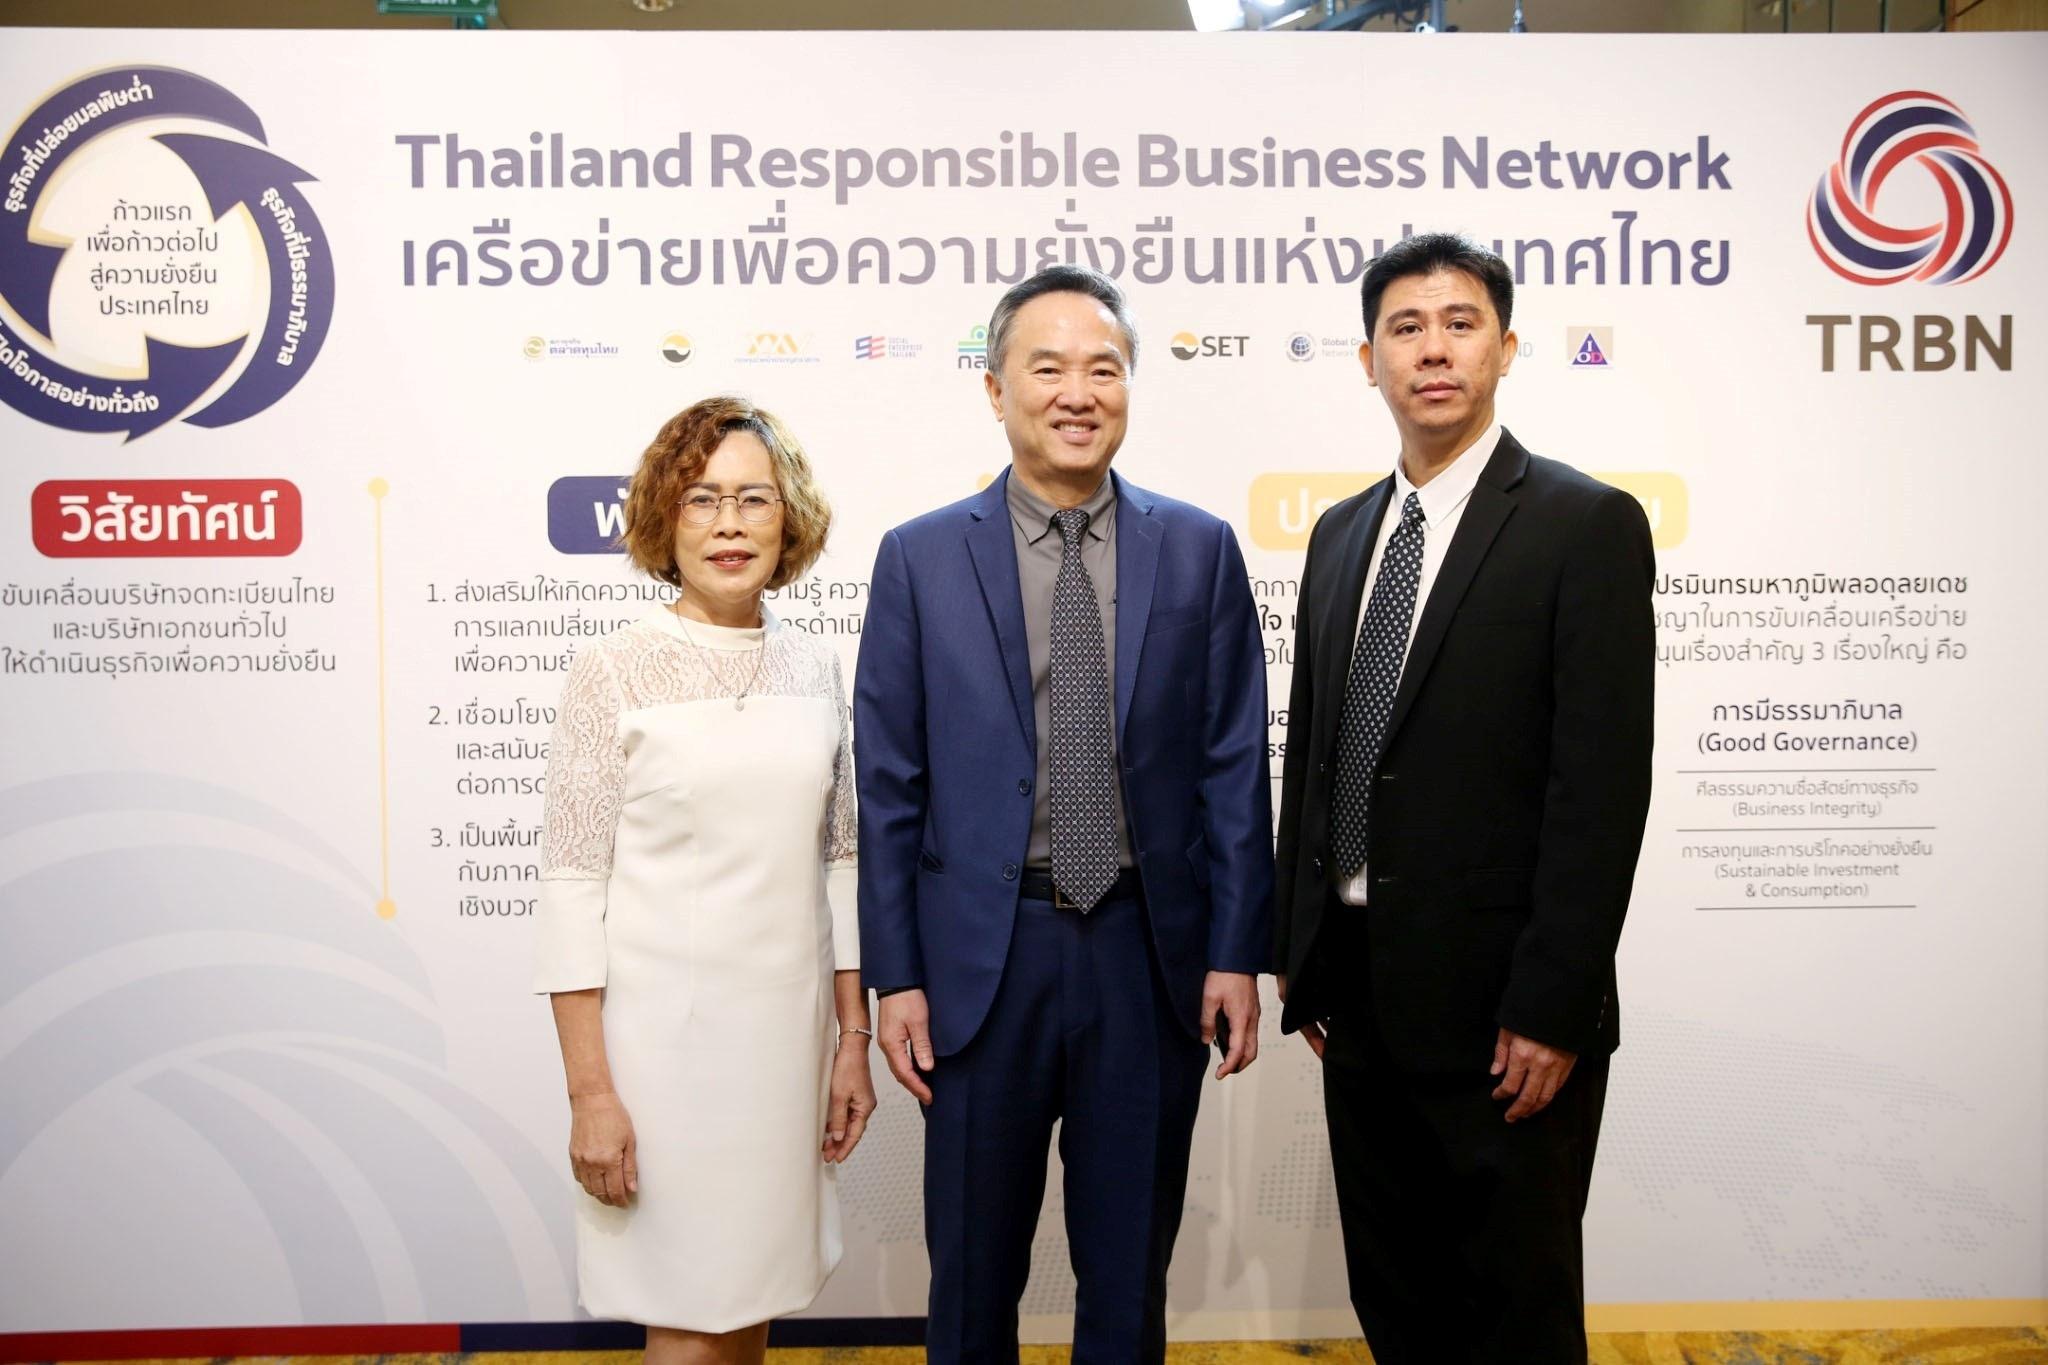 """""""โฮมโปร"""" โชว์วิสัยทัศน์ การพัฒนาบริษัทอย่างยั่งยืน ในงานเปิดตัวเครือข่ายเพื่อความยั่งยืนแห่งประเทศไทย"""